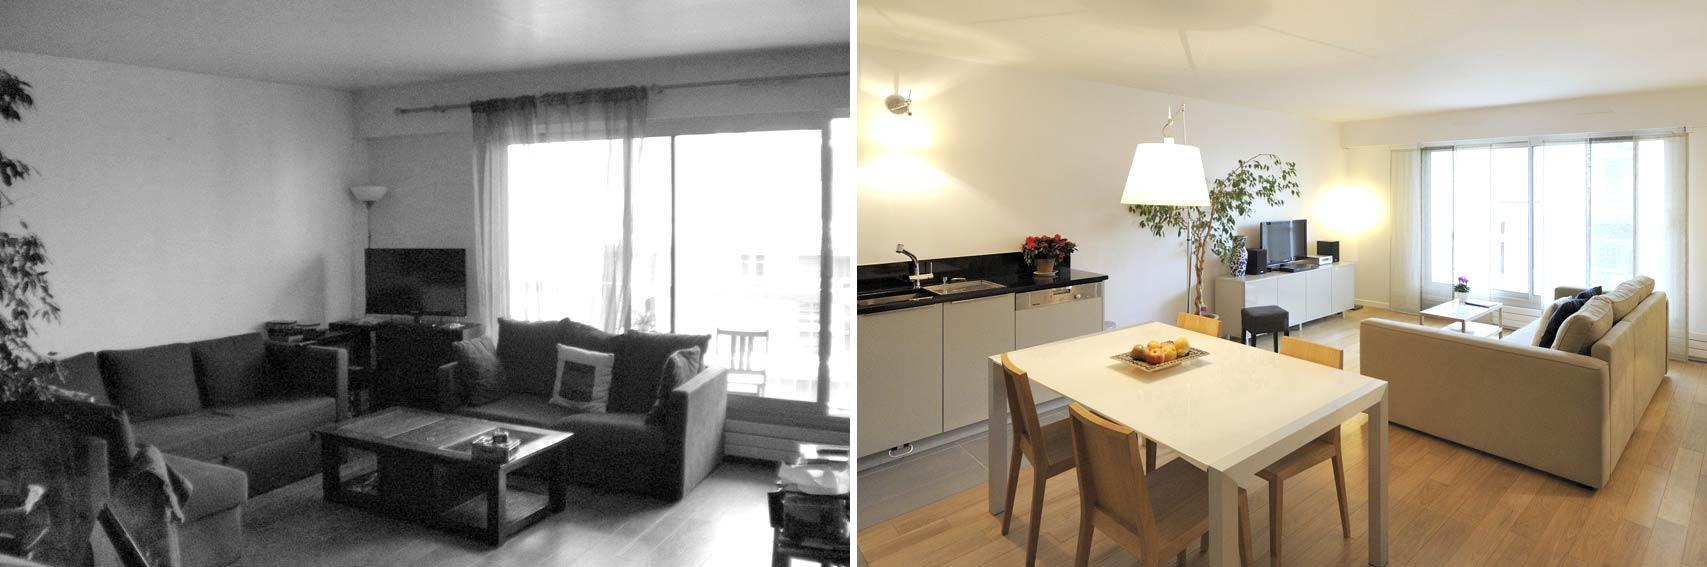 avant - après : aménagement appartement 4 pièces 90m2